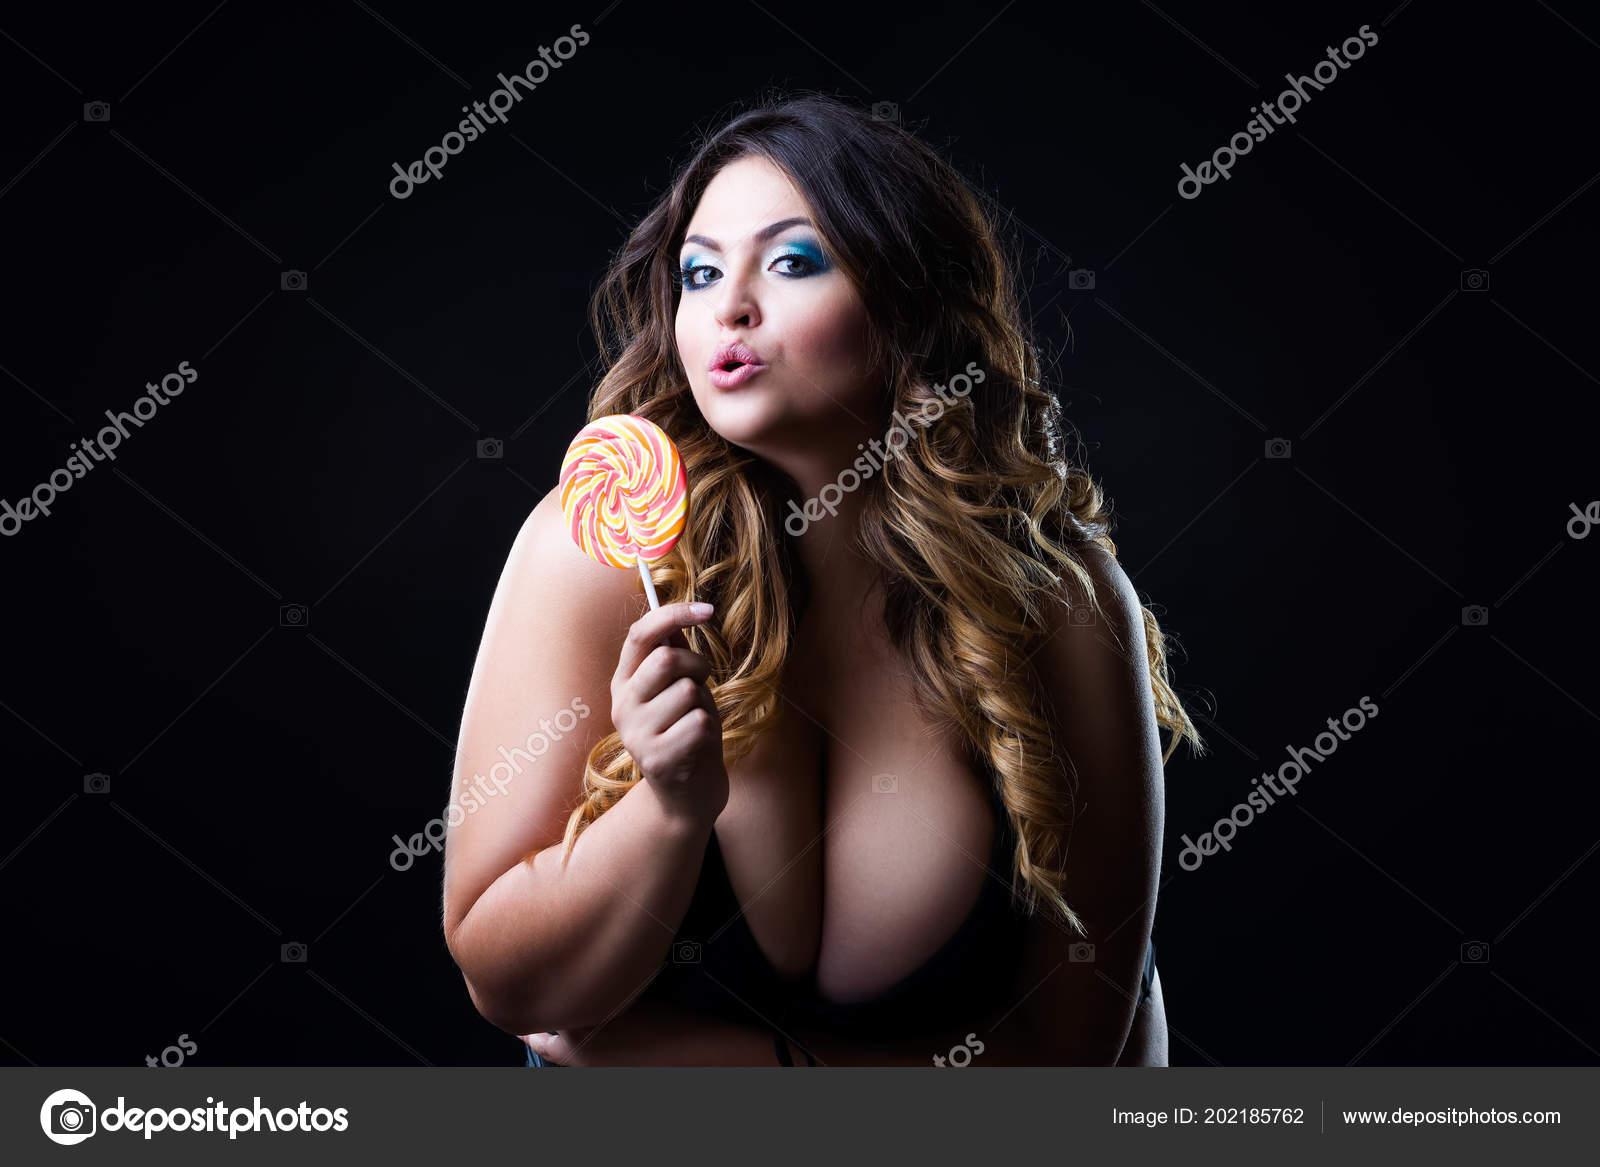 λίπος έφηβος φωτογραφίες σεξ μαμά εξωτερική πορνό